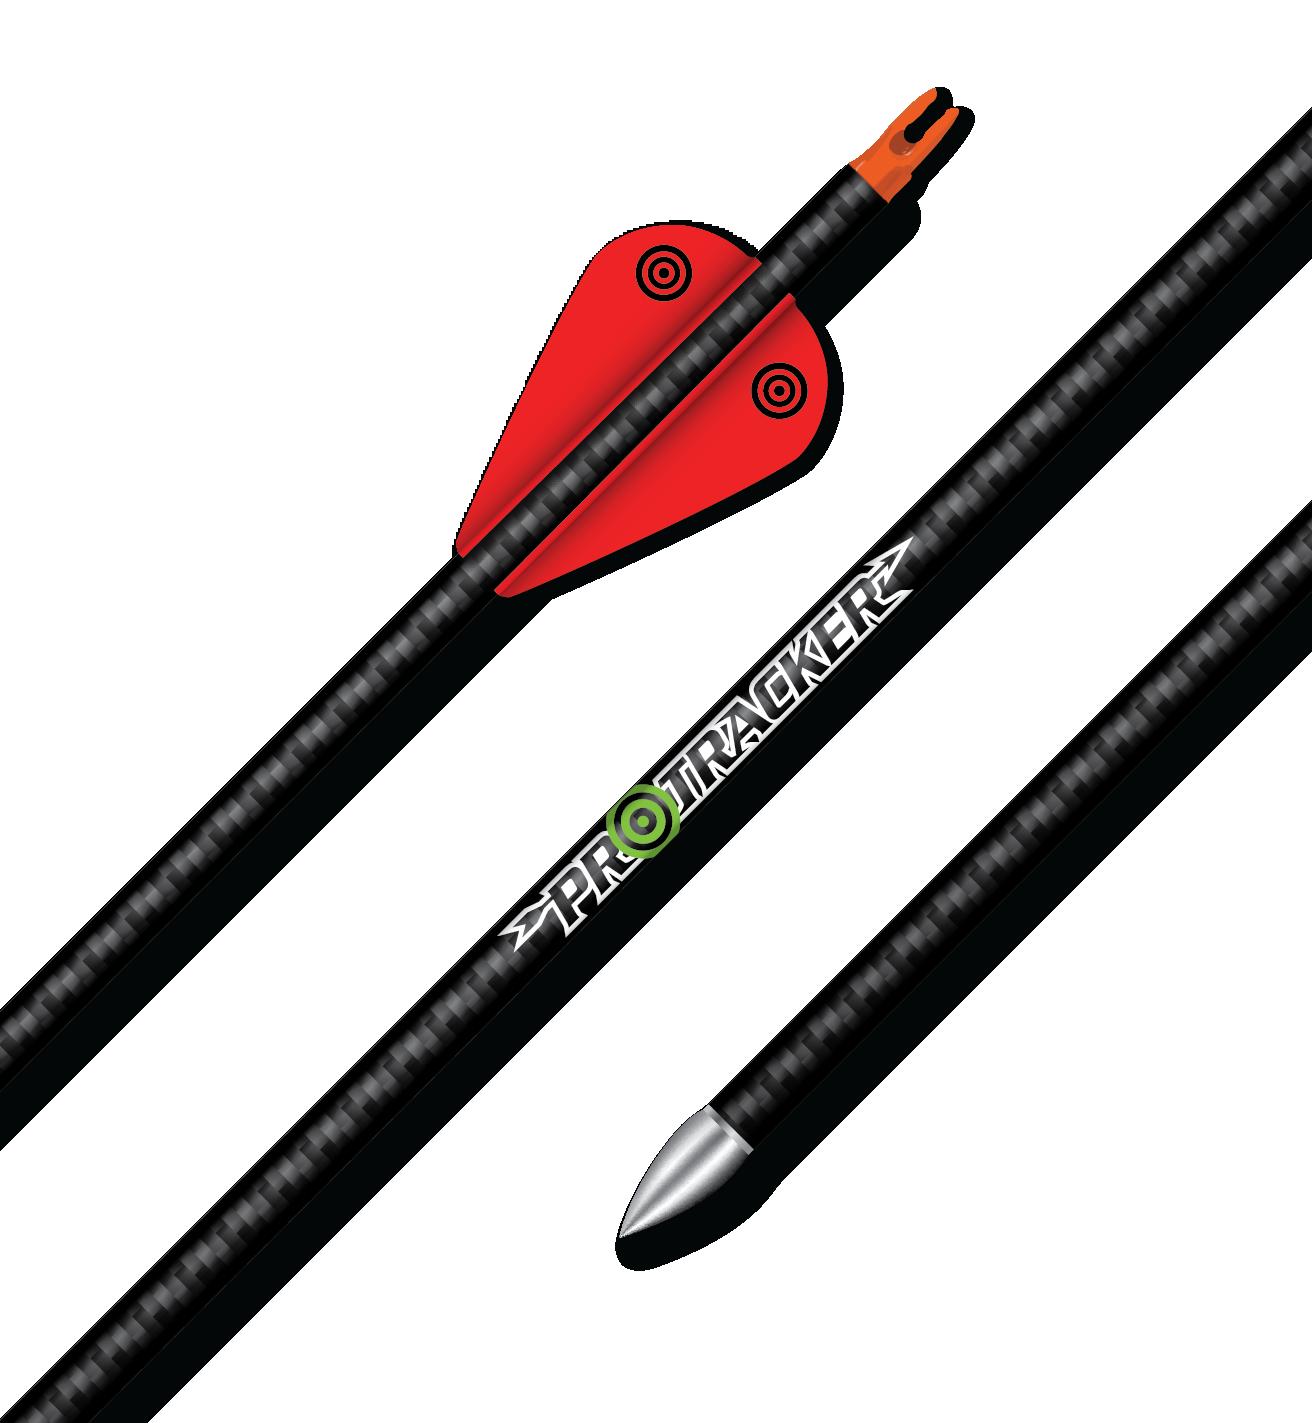 3k carbon fiber Arrow